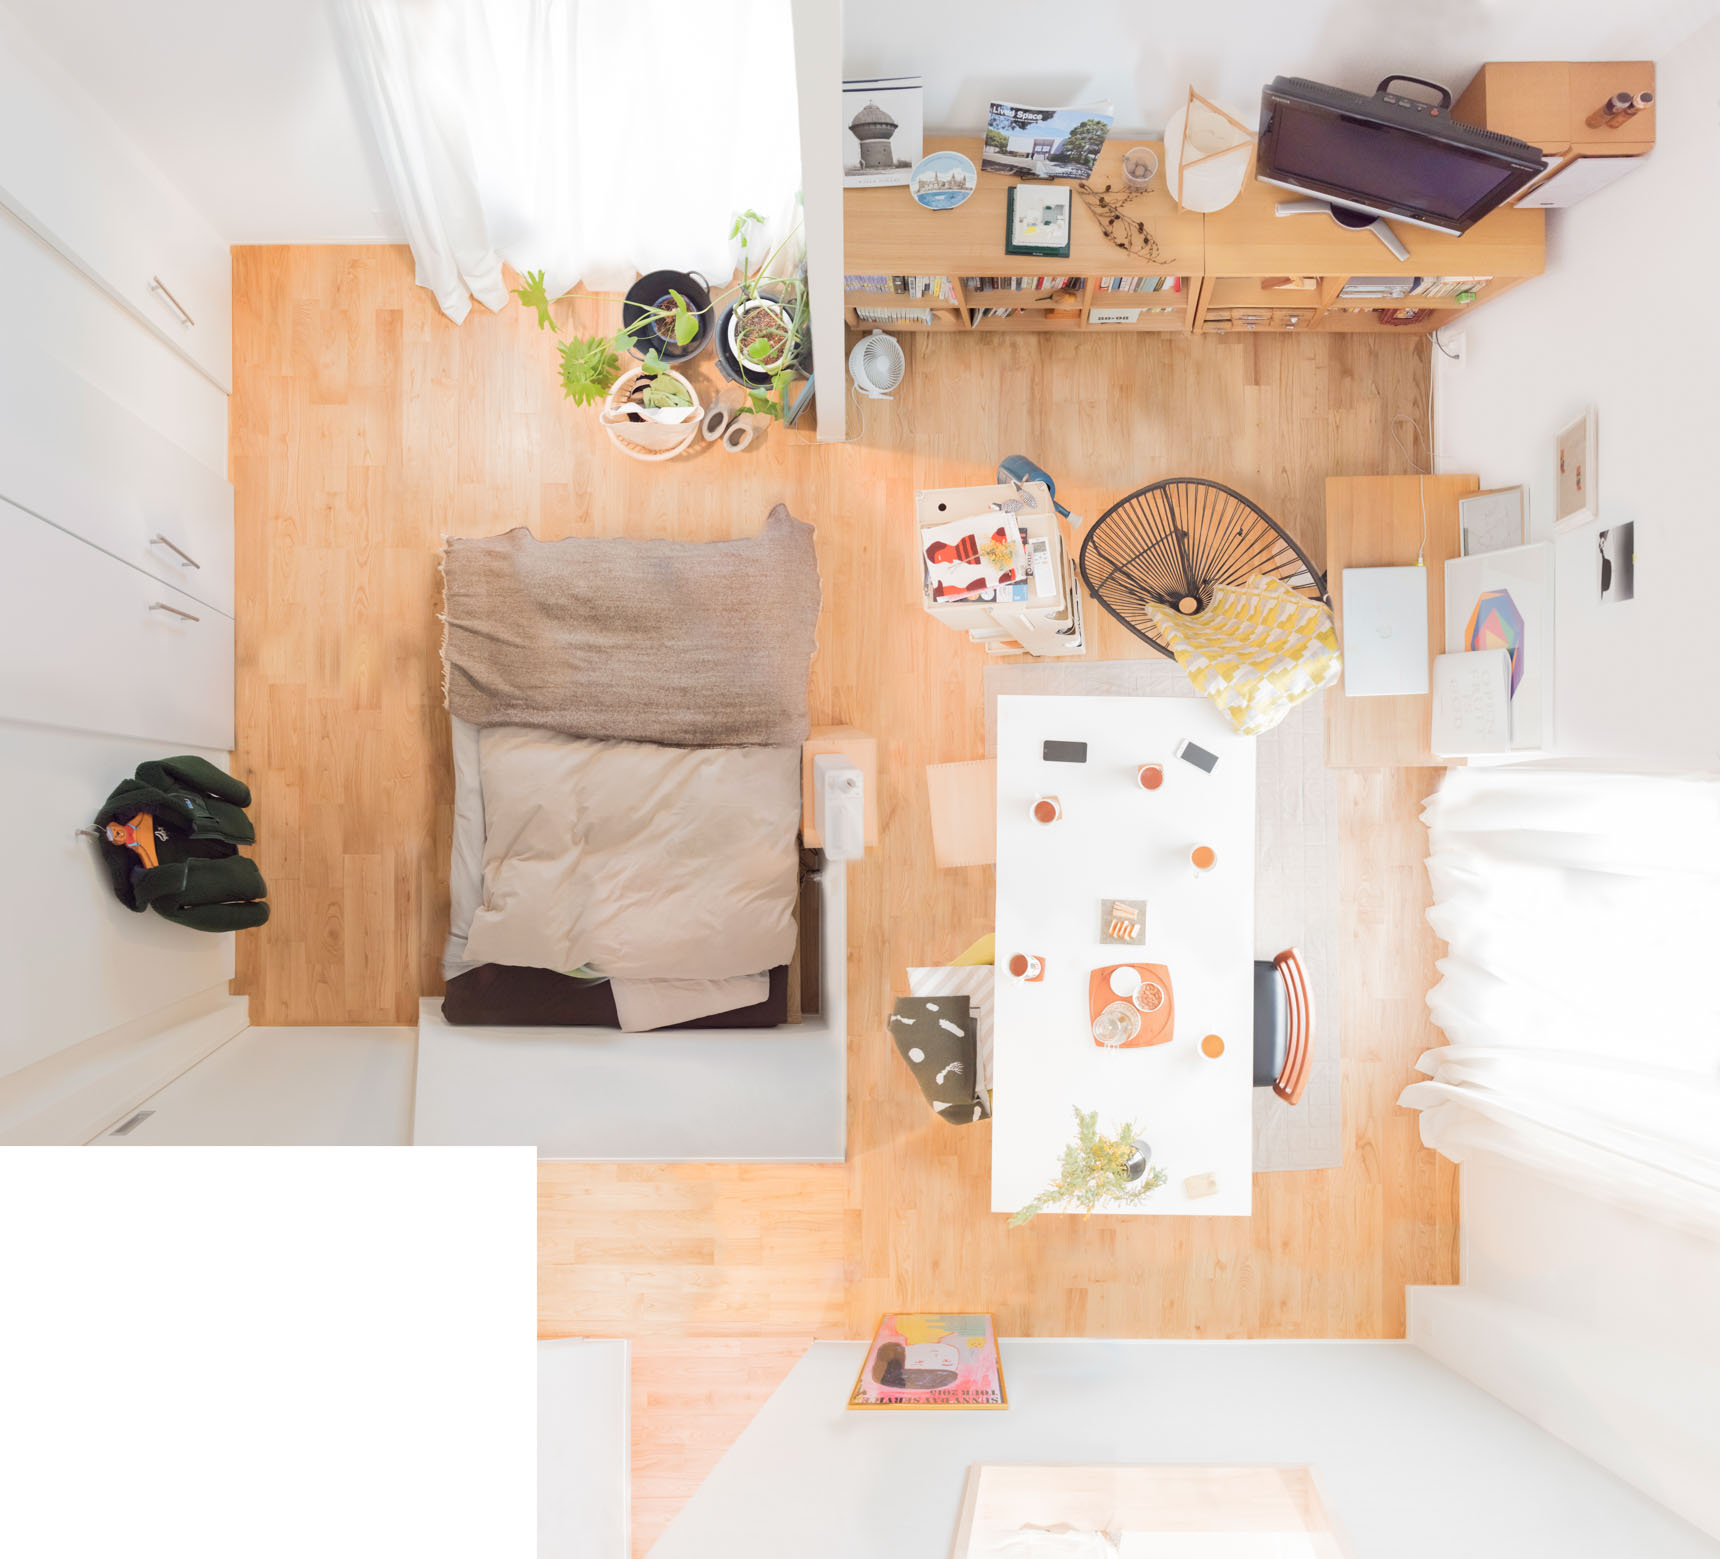 「対照的な空間」を生む 建築好きの部屋